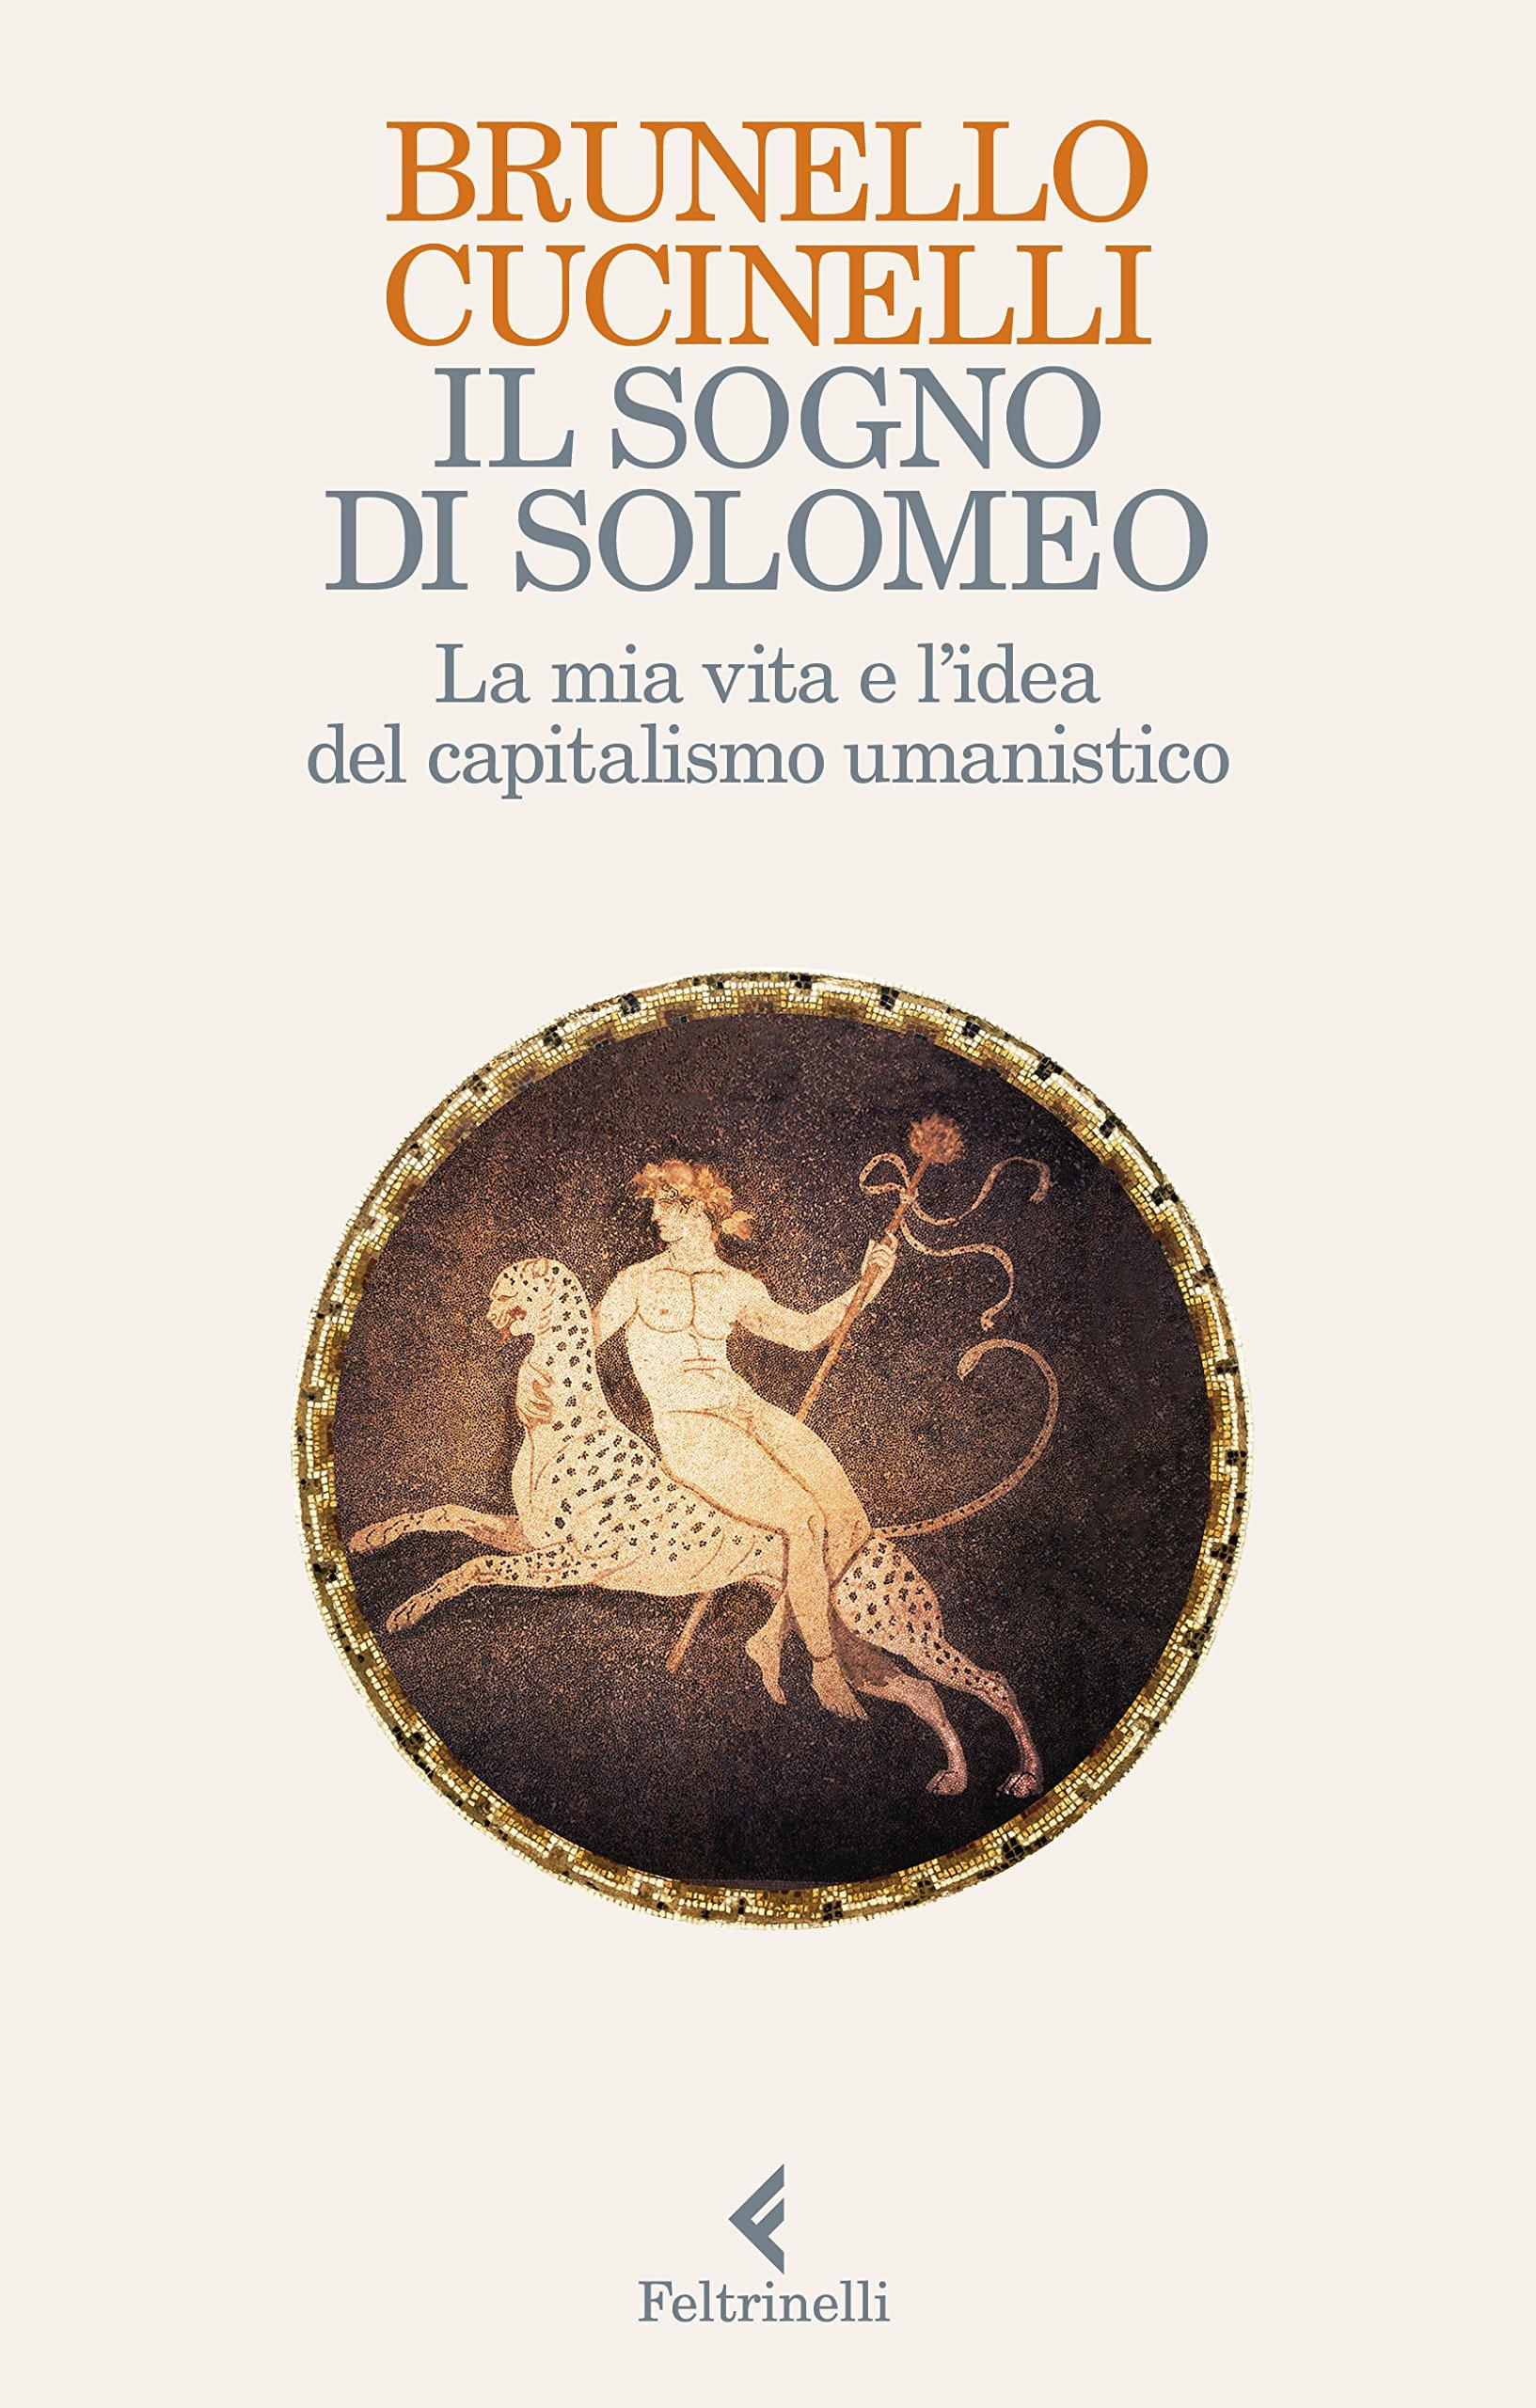 Il sogno di Solomeo. La mia vita e l'idea del capitalismo umanistico Copertina flessibile – 6 set 2018 Brunello Cucinelli M. De Vico Fallani Feltrinelli 8807492377